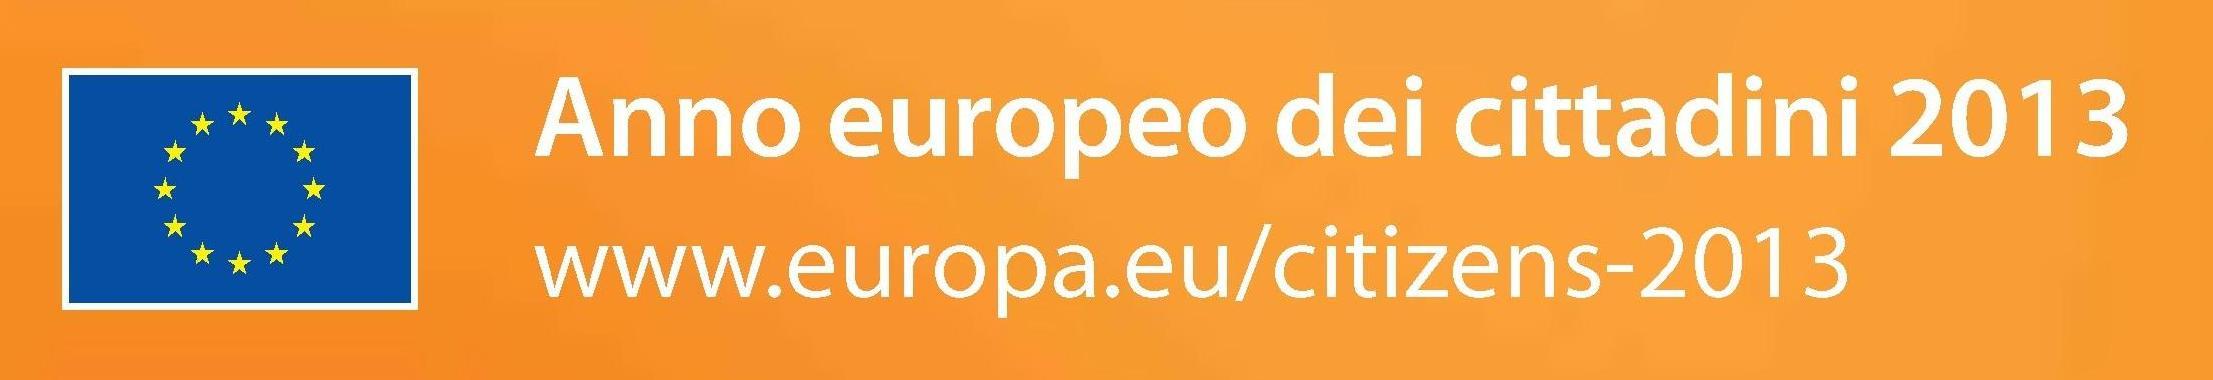 anno europeo cittadini 2013